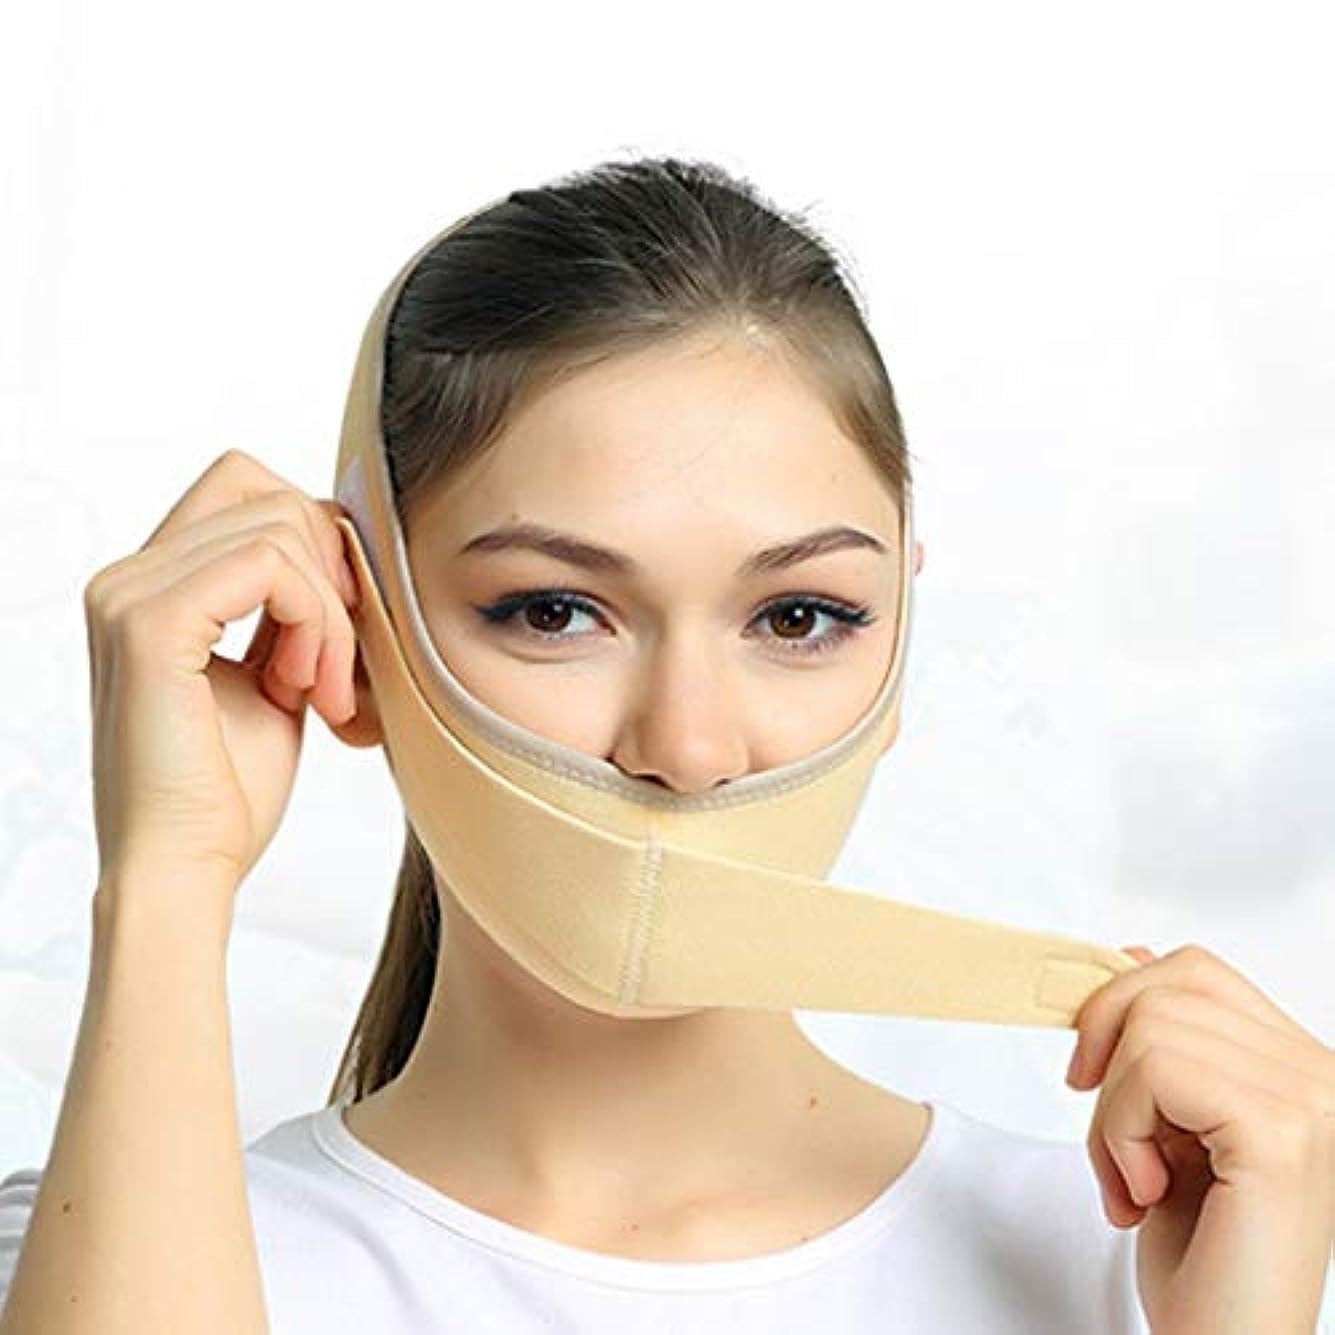 リネン相対サイズ含める顔の減量術後の回復包帯小さな v 顔睡眠マスク露出あごの医療顔